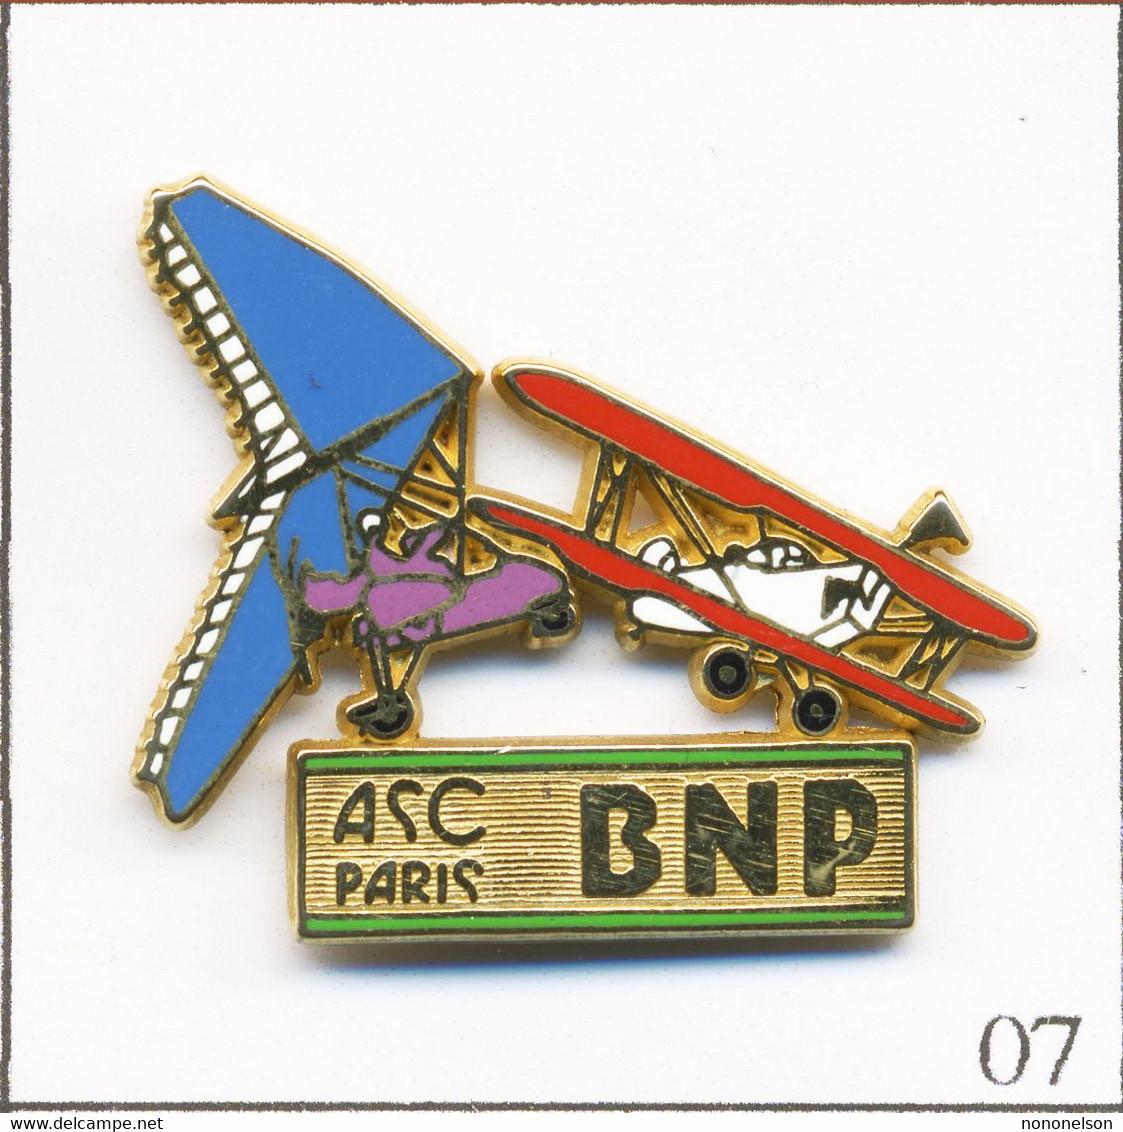 Pin's Banque / Assurance - BNP / ASC Paris - Aéroclub. Estampillé Ballard. Zamac. T738-07 - Banken